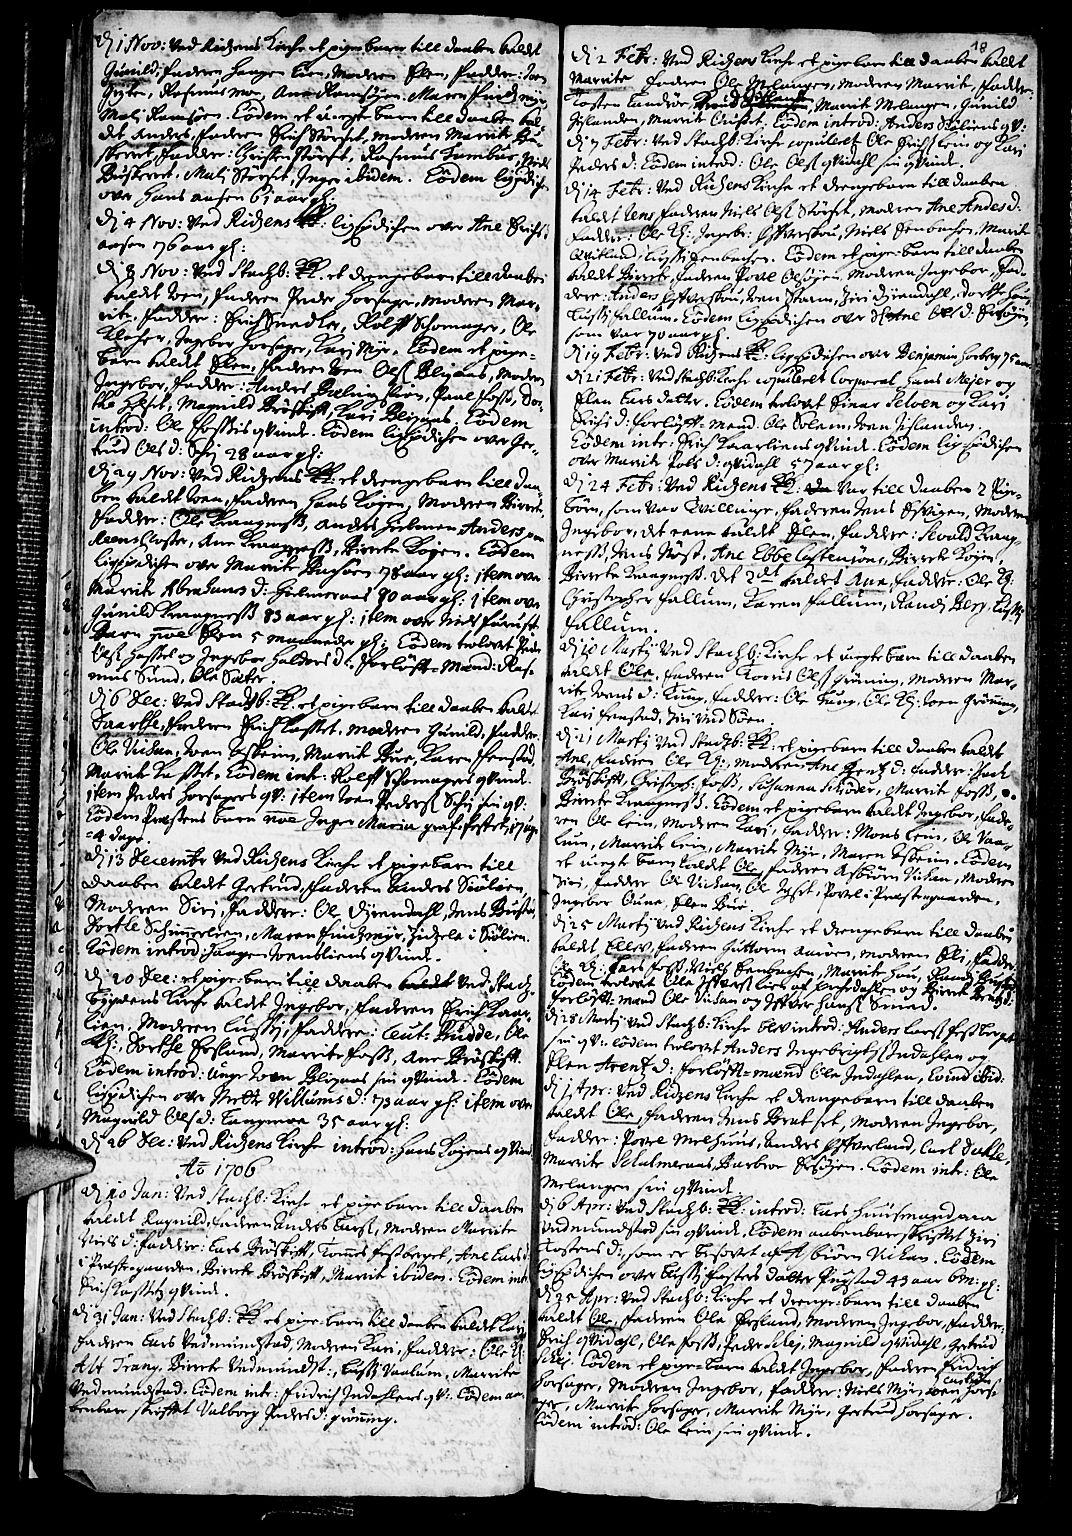 SAT, Ministerialprotokoller, klokkerbøker og fødselsregistre - Sør-Trøndelag, 646/L0603: Ministerialbok nr. 646A01, 1700-1734, s. 18